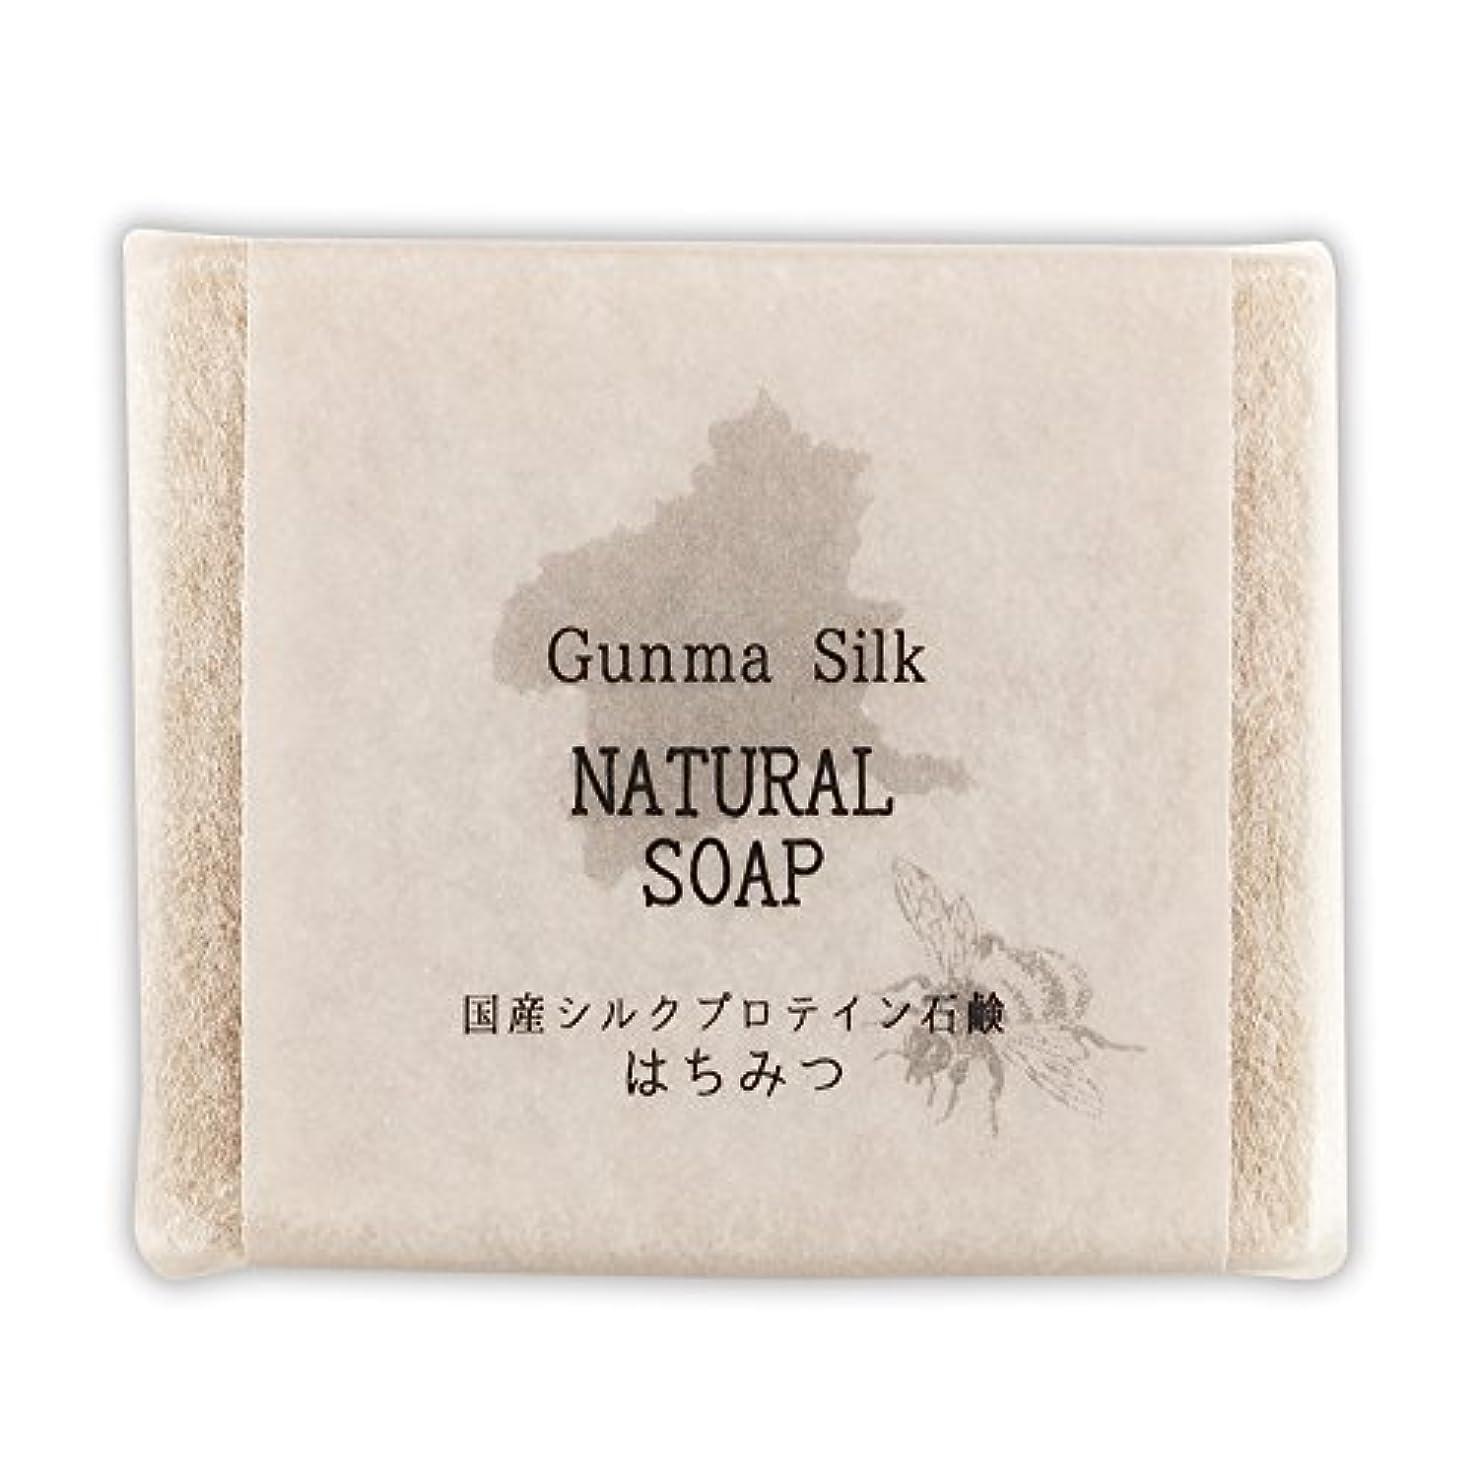 くるみ検索エンジン最適化抑制するBN 国産シルクプロテイン石鹸 はちみつ SKS-02 (1個)